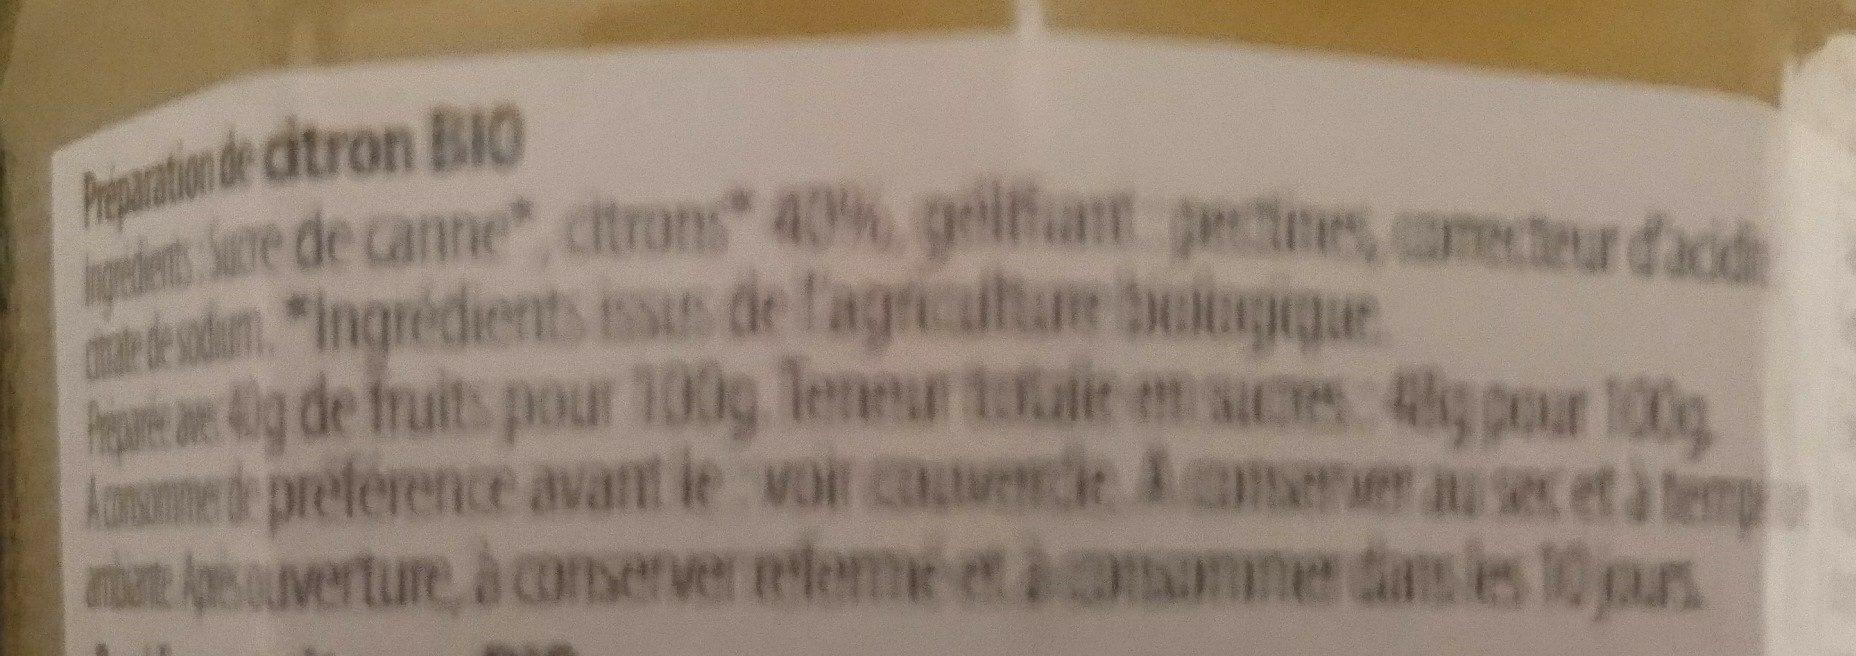 We Bio ! Citron - Ingrédients - fr